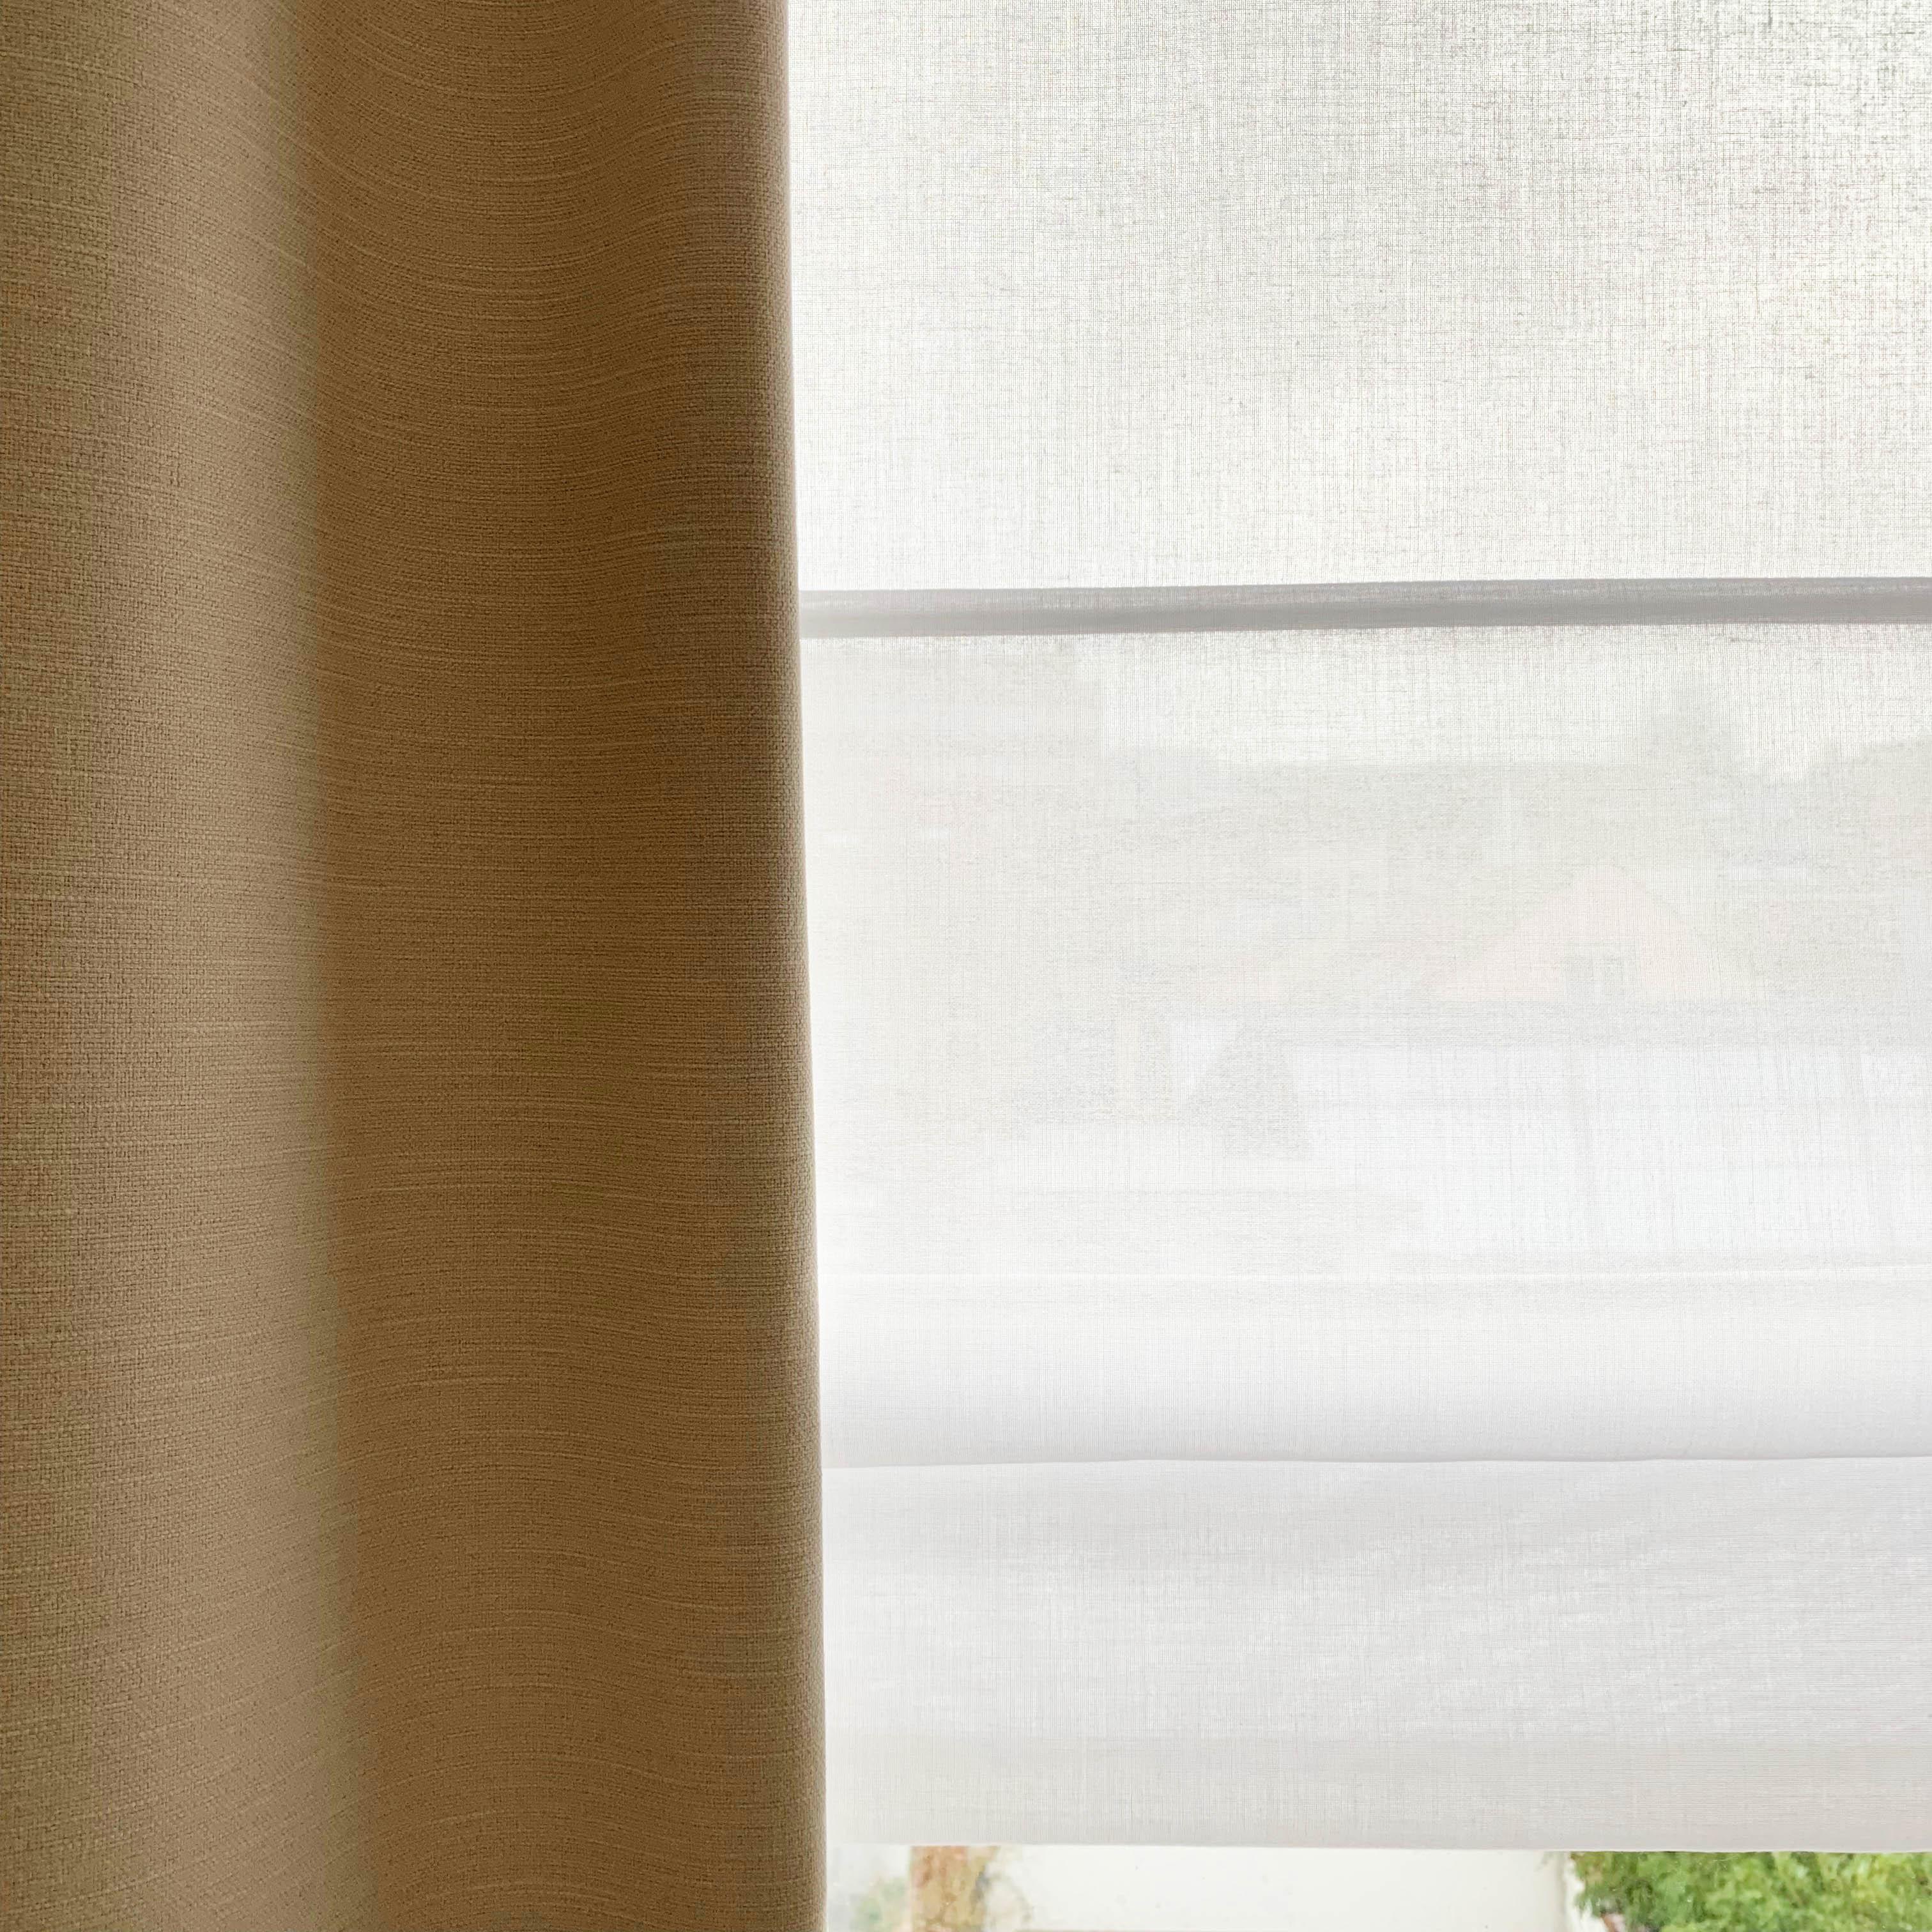 pierre-papier-ciseaux-rideaux-chambre-heytens-apres-7